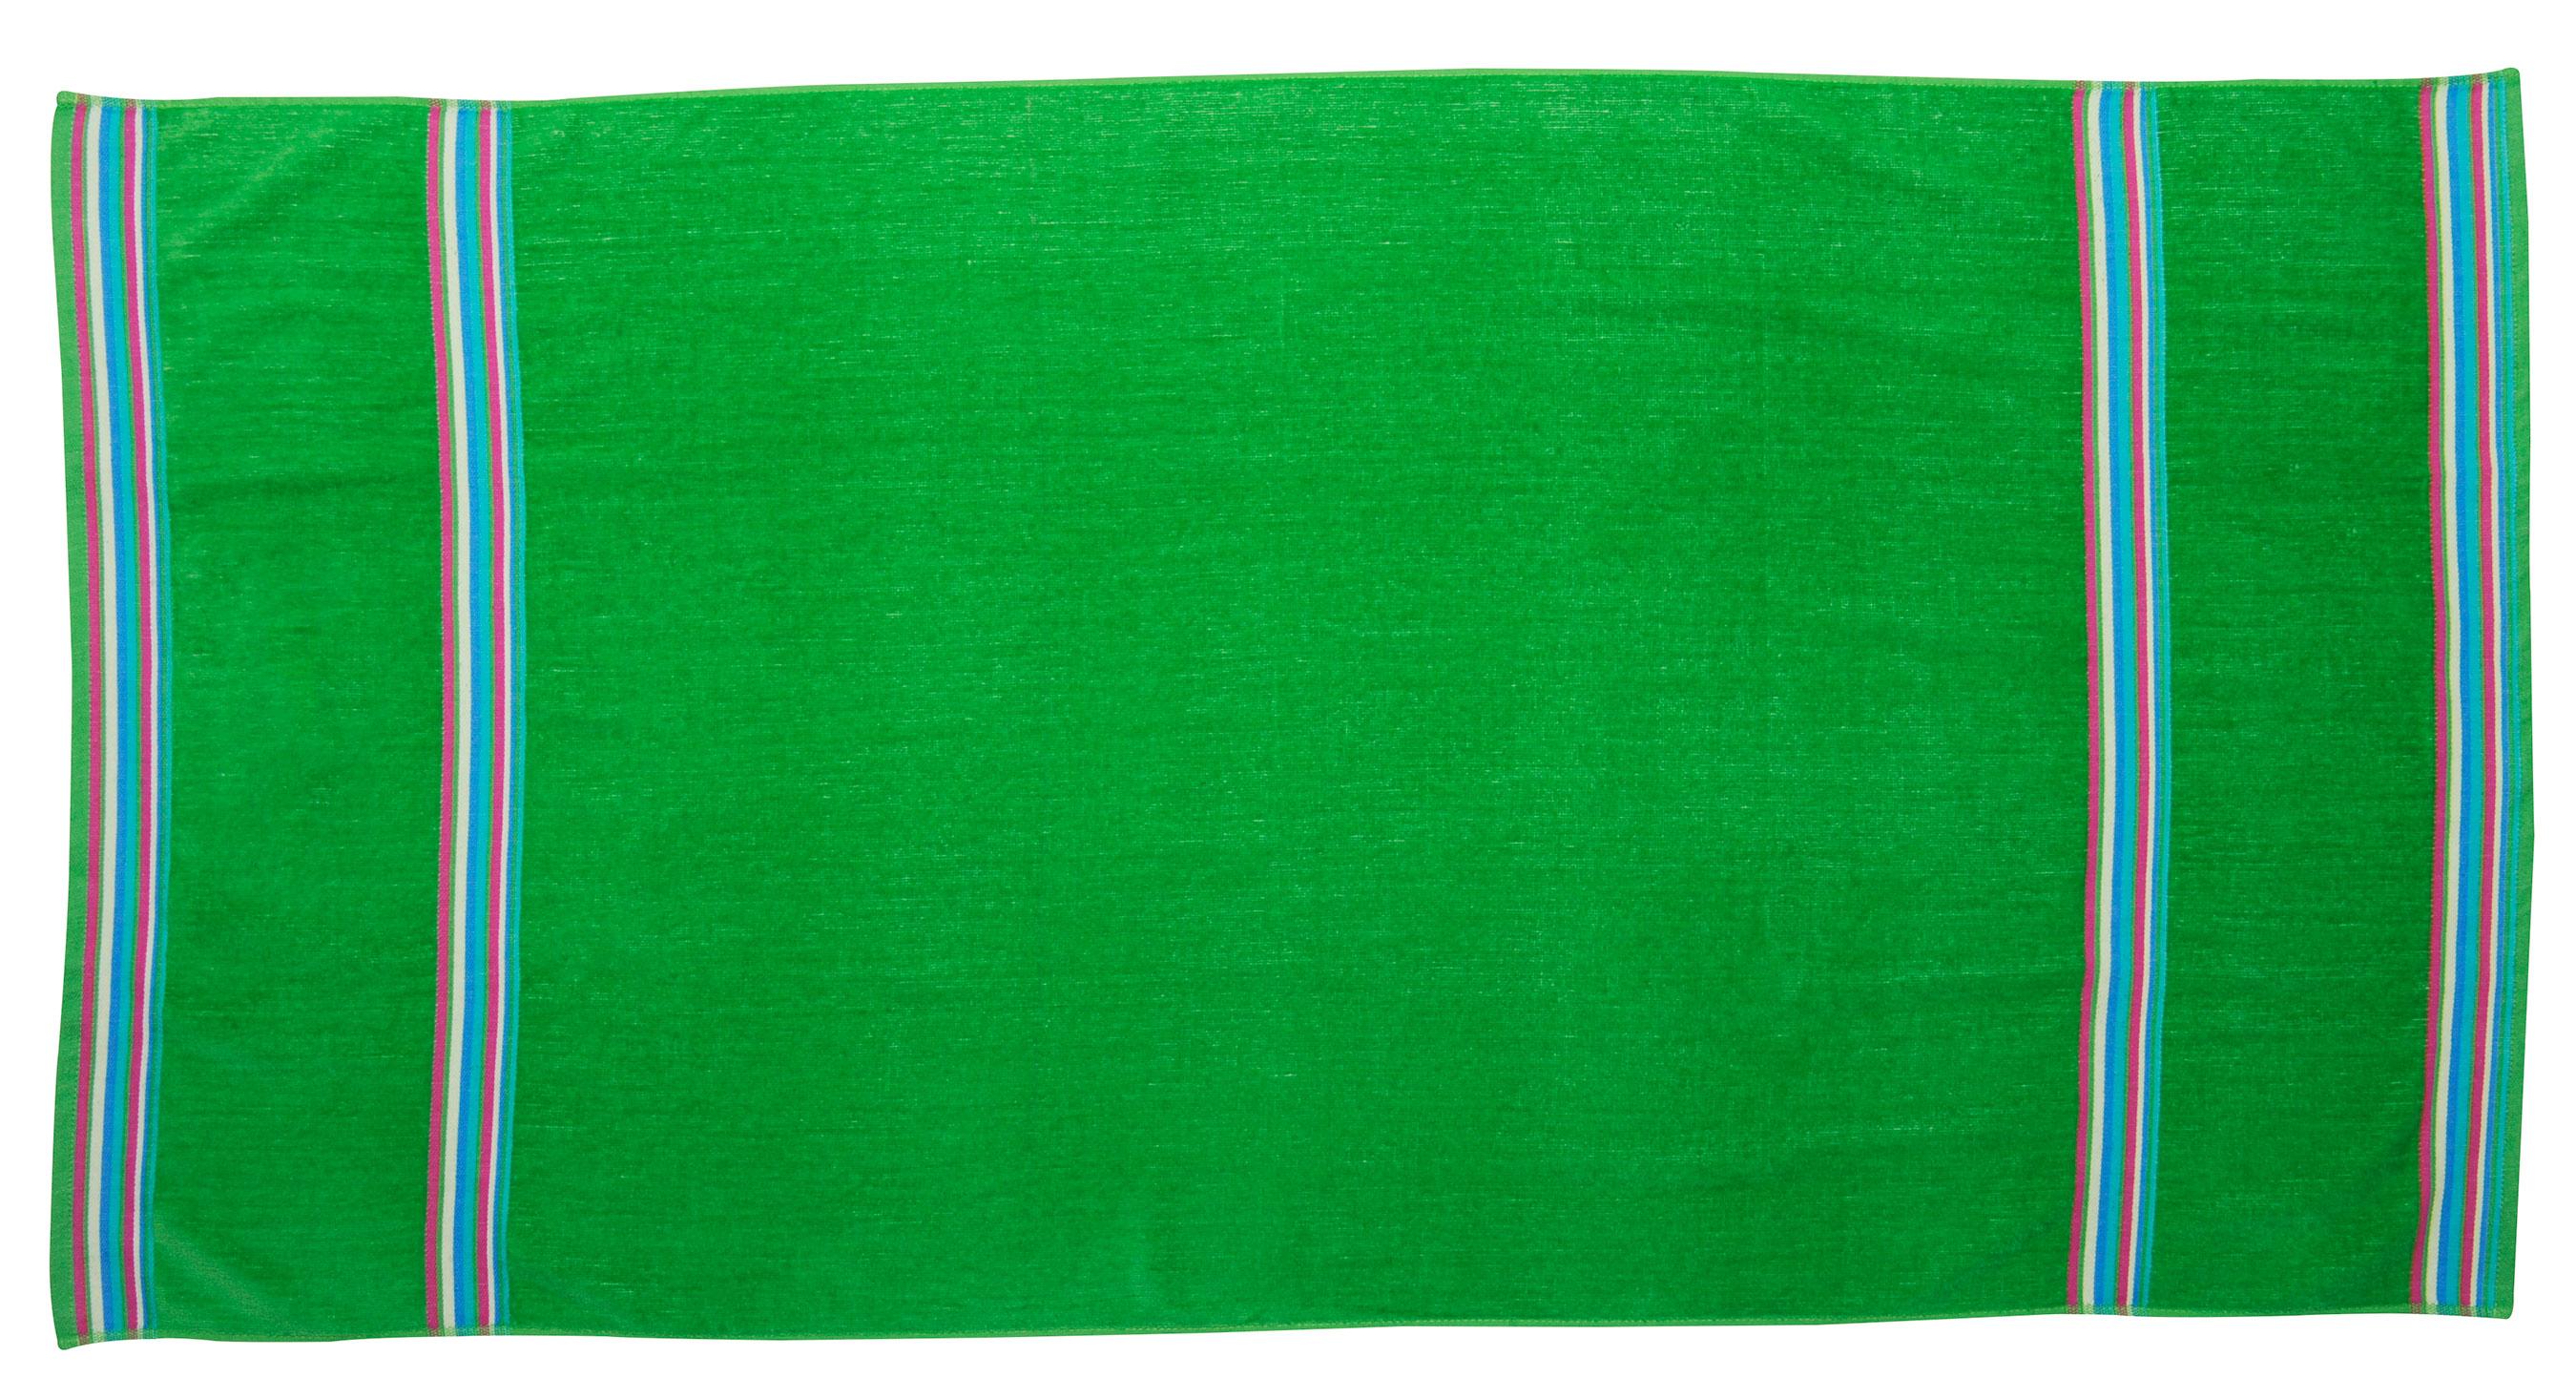 SGSB-12-LimeGreen